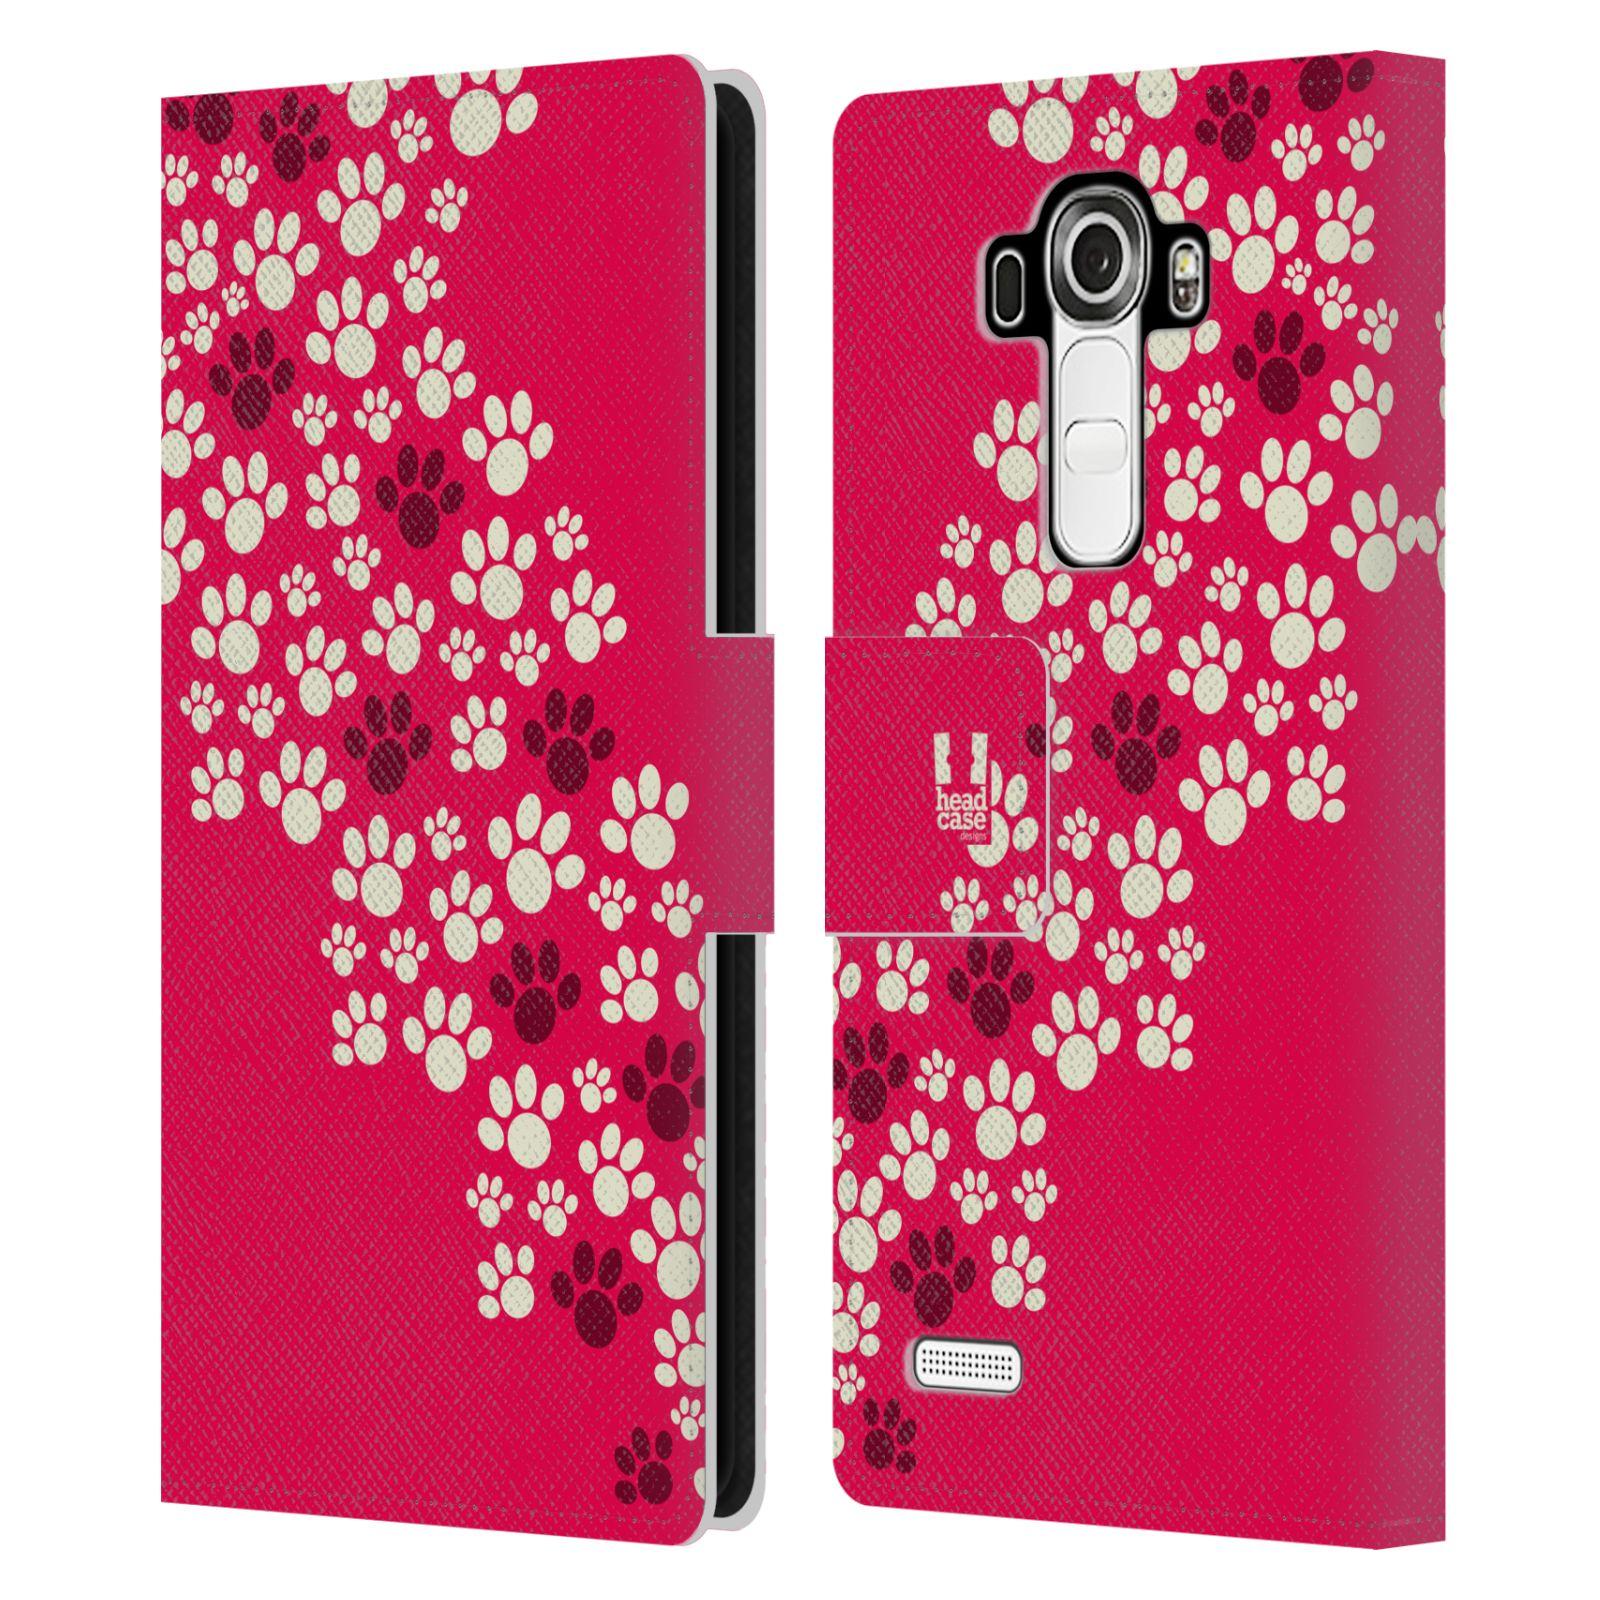 HEAD CASE Flipové pouzdro pro mobil LG G4 (H815) Pejsek ťapky růžová barva